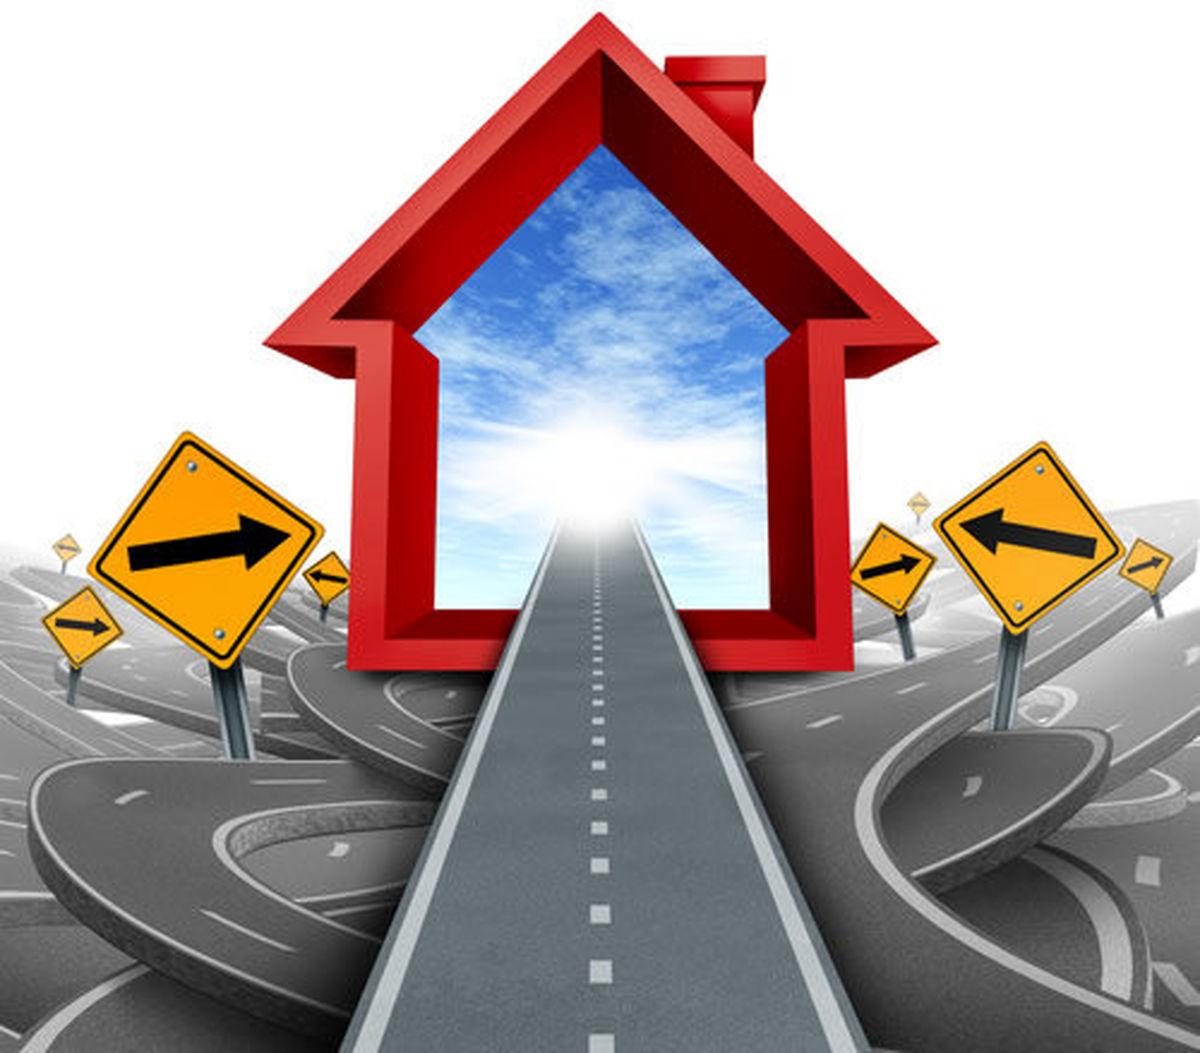 شرط جدید برای فروش اینترنتی مسکن و خودرو